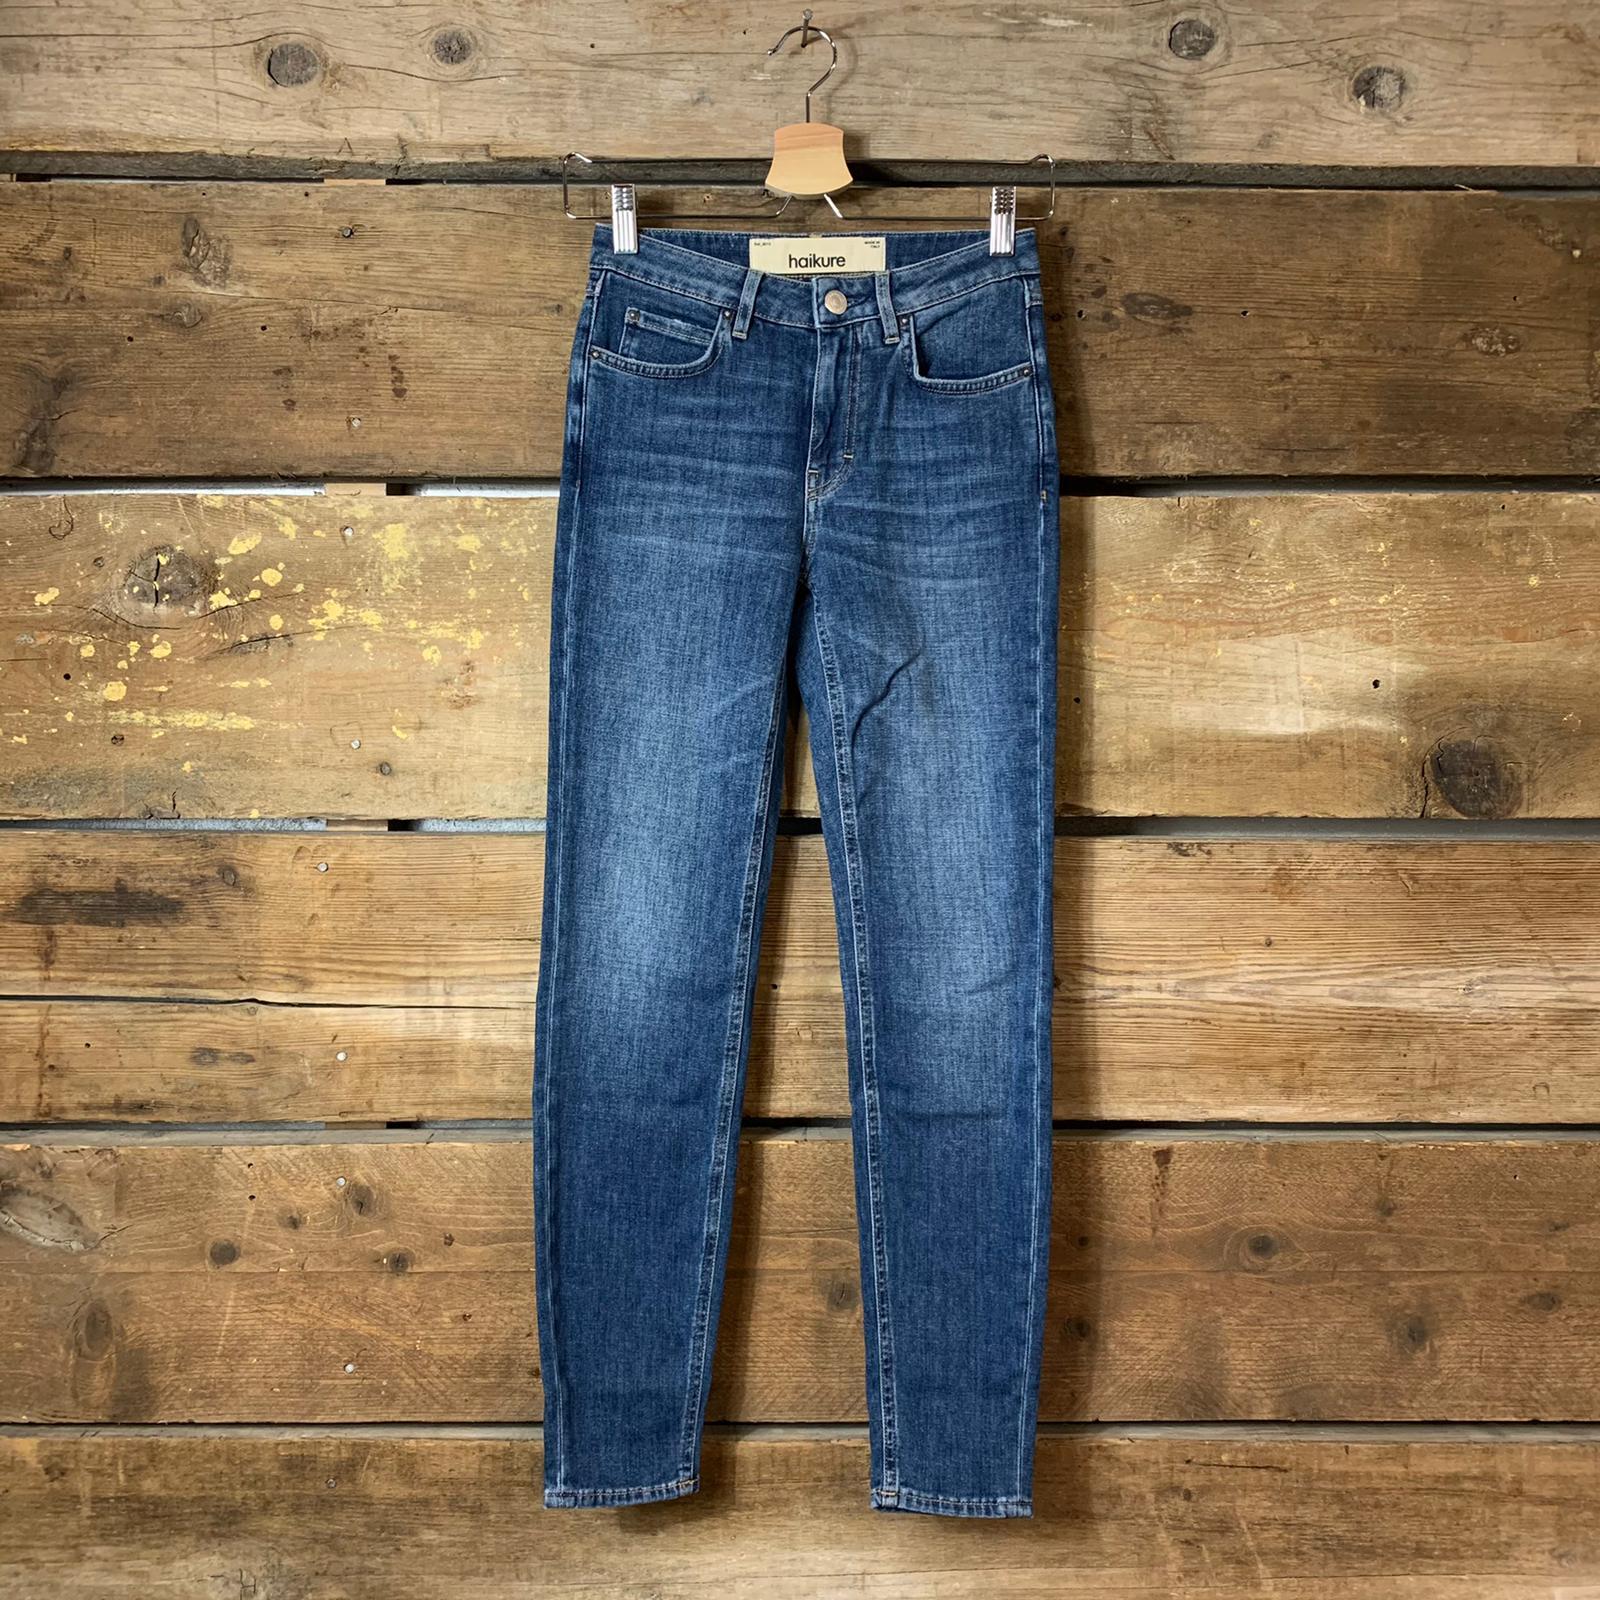 Jeans Haikure Donna Moorea Comfort Pure Blue Denim Vintage